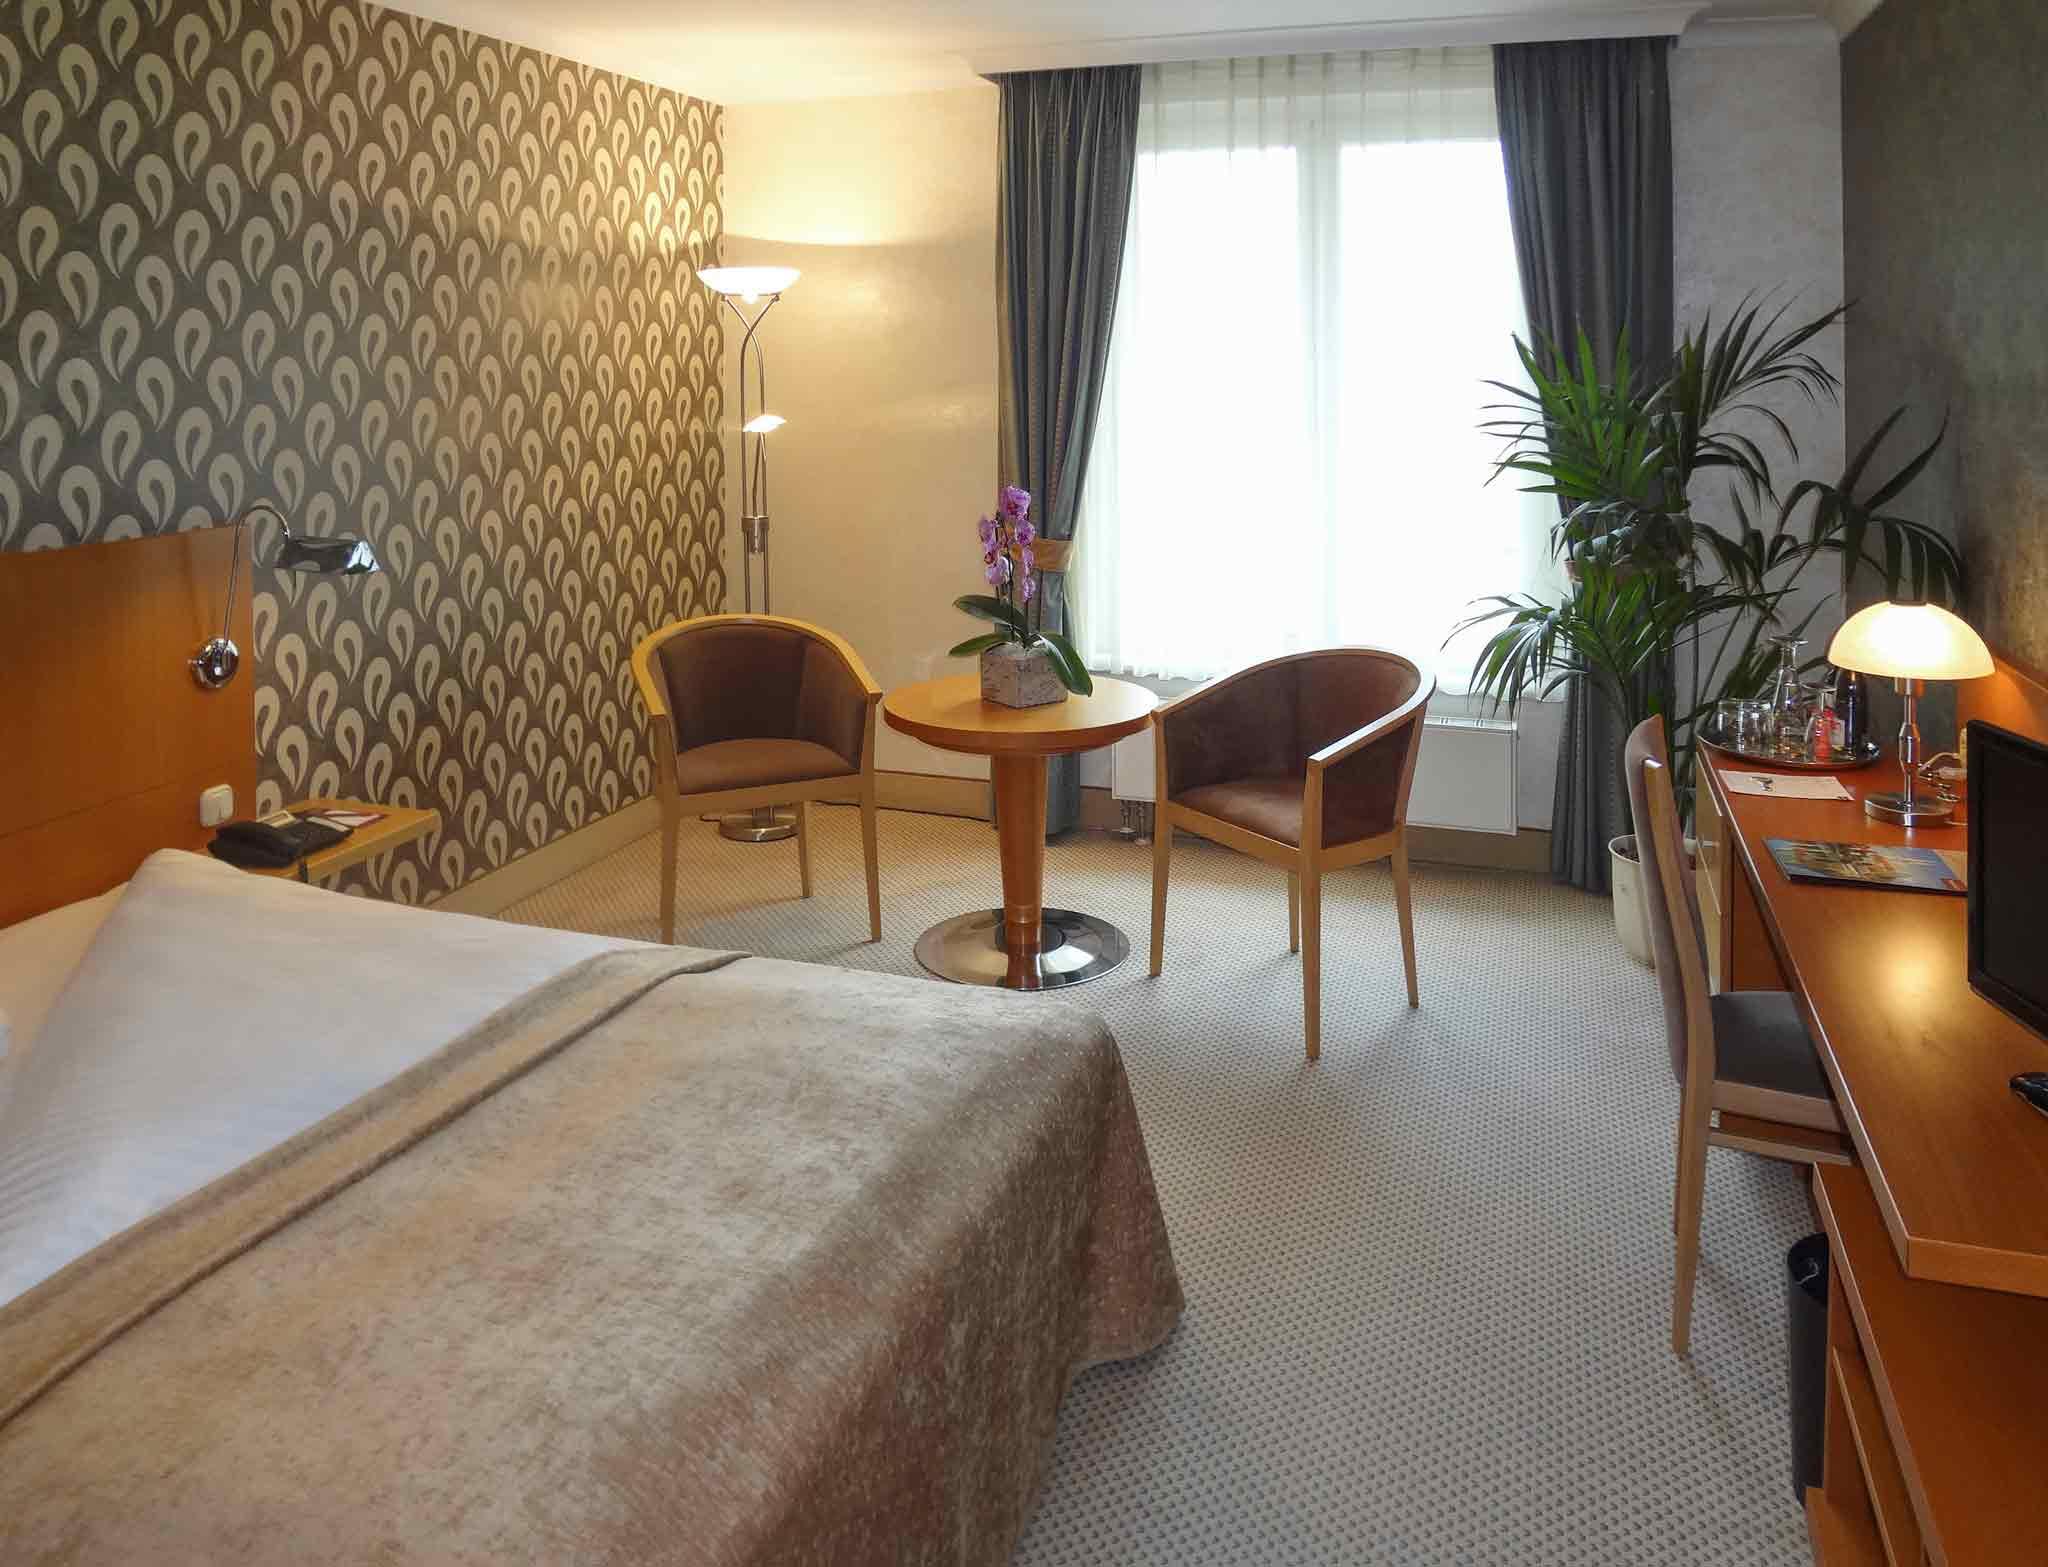 Mercure Parkhotel Görlitz Billede af værelser